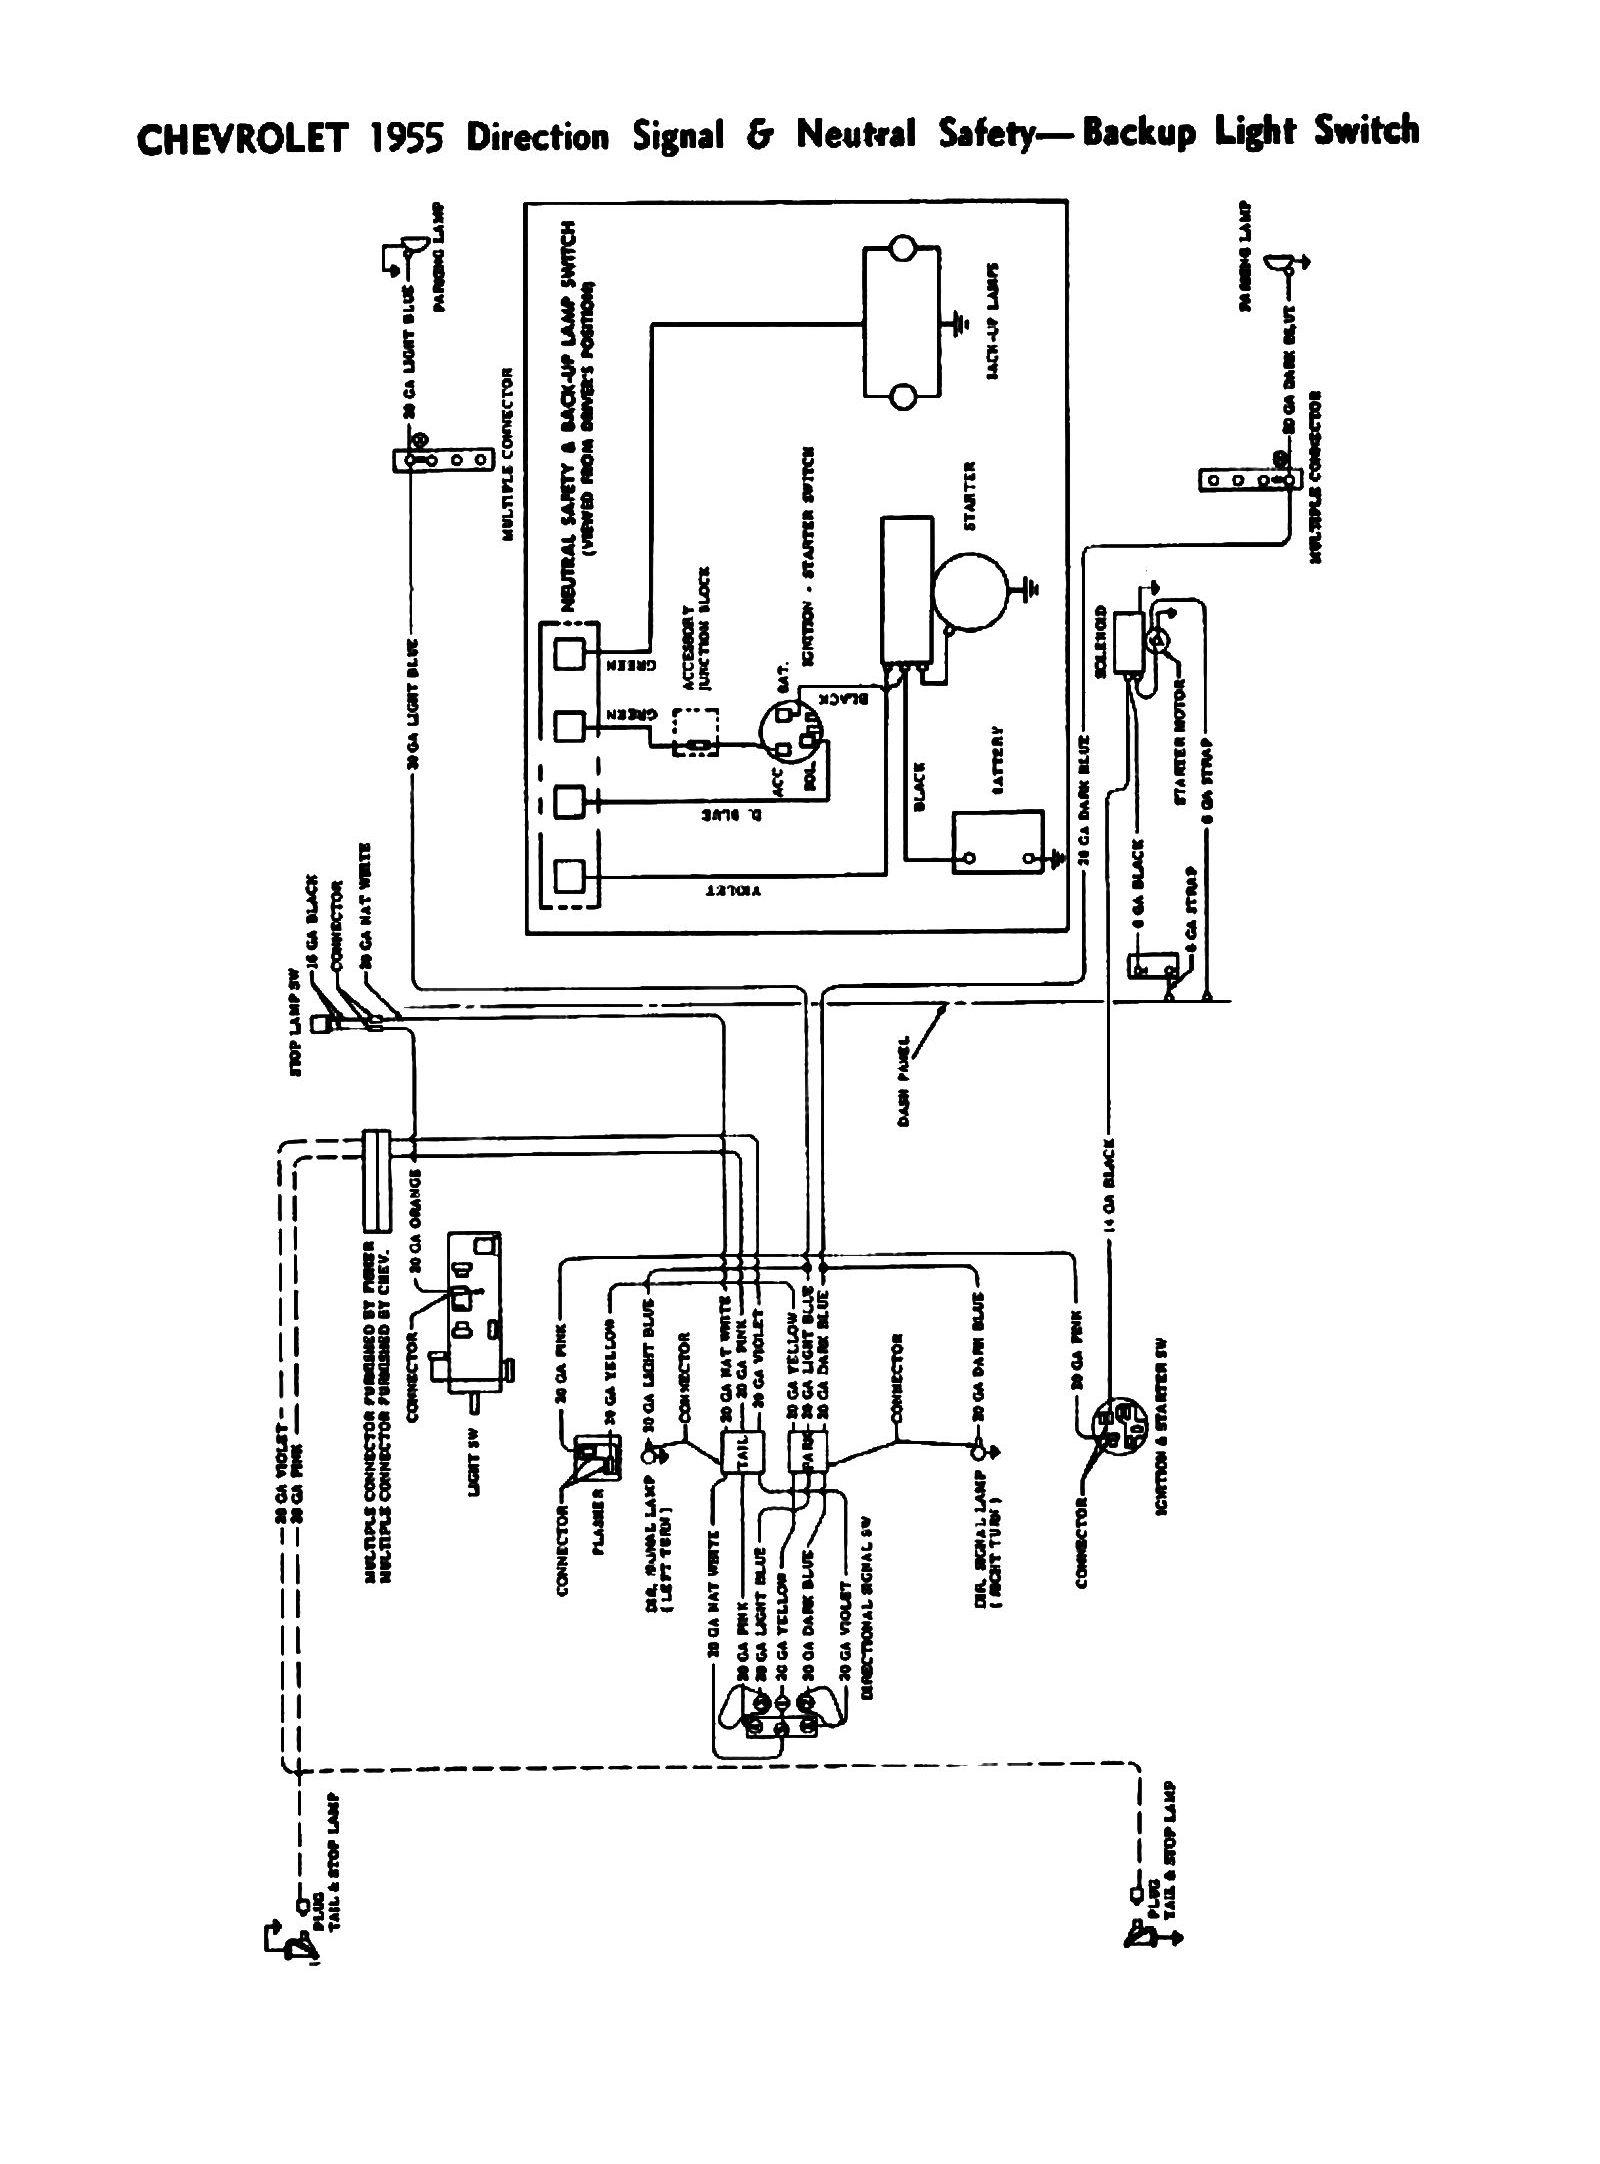 Sparton Turn Signal Switch Wiring Diagram  Somurich